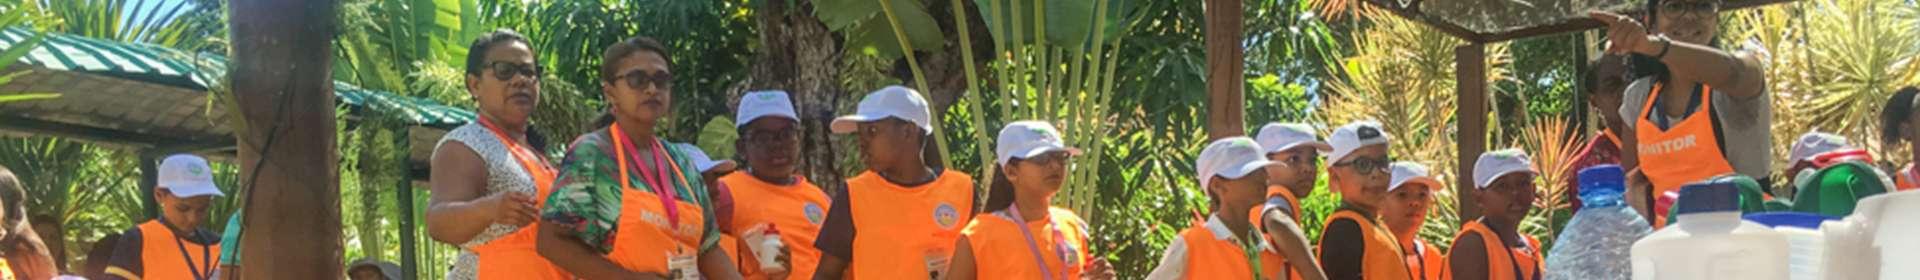 I Encontro de Classes no Maanaim de Salvador (BA) reúne cerca de 150 crianças e adolescentes